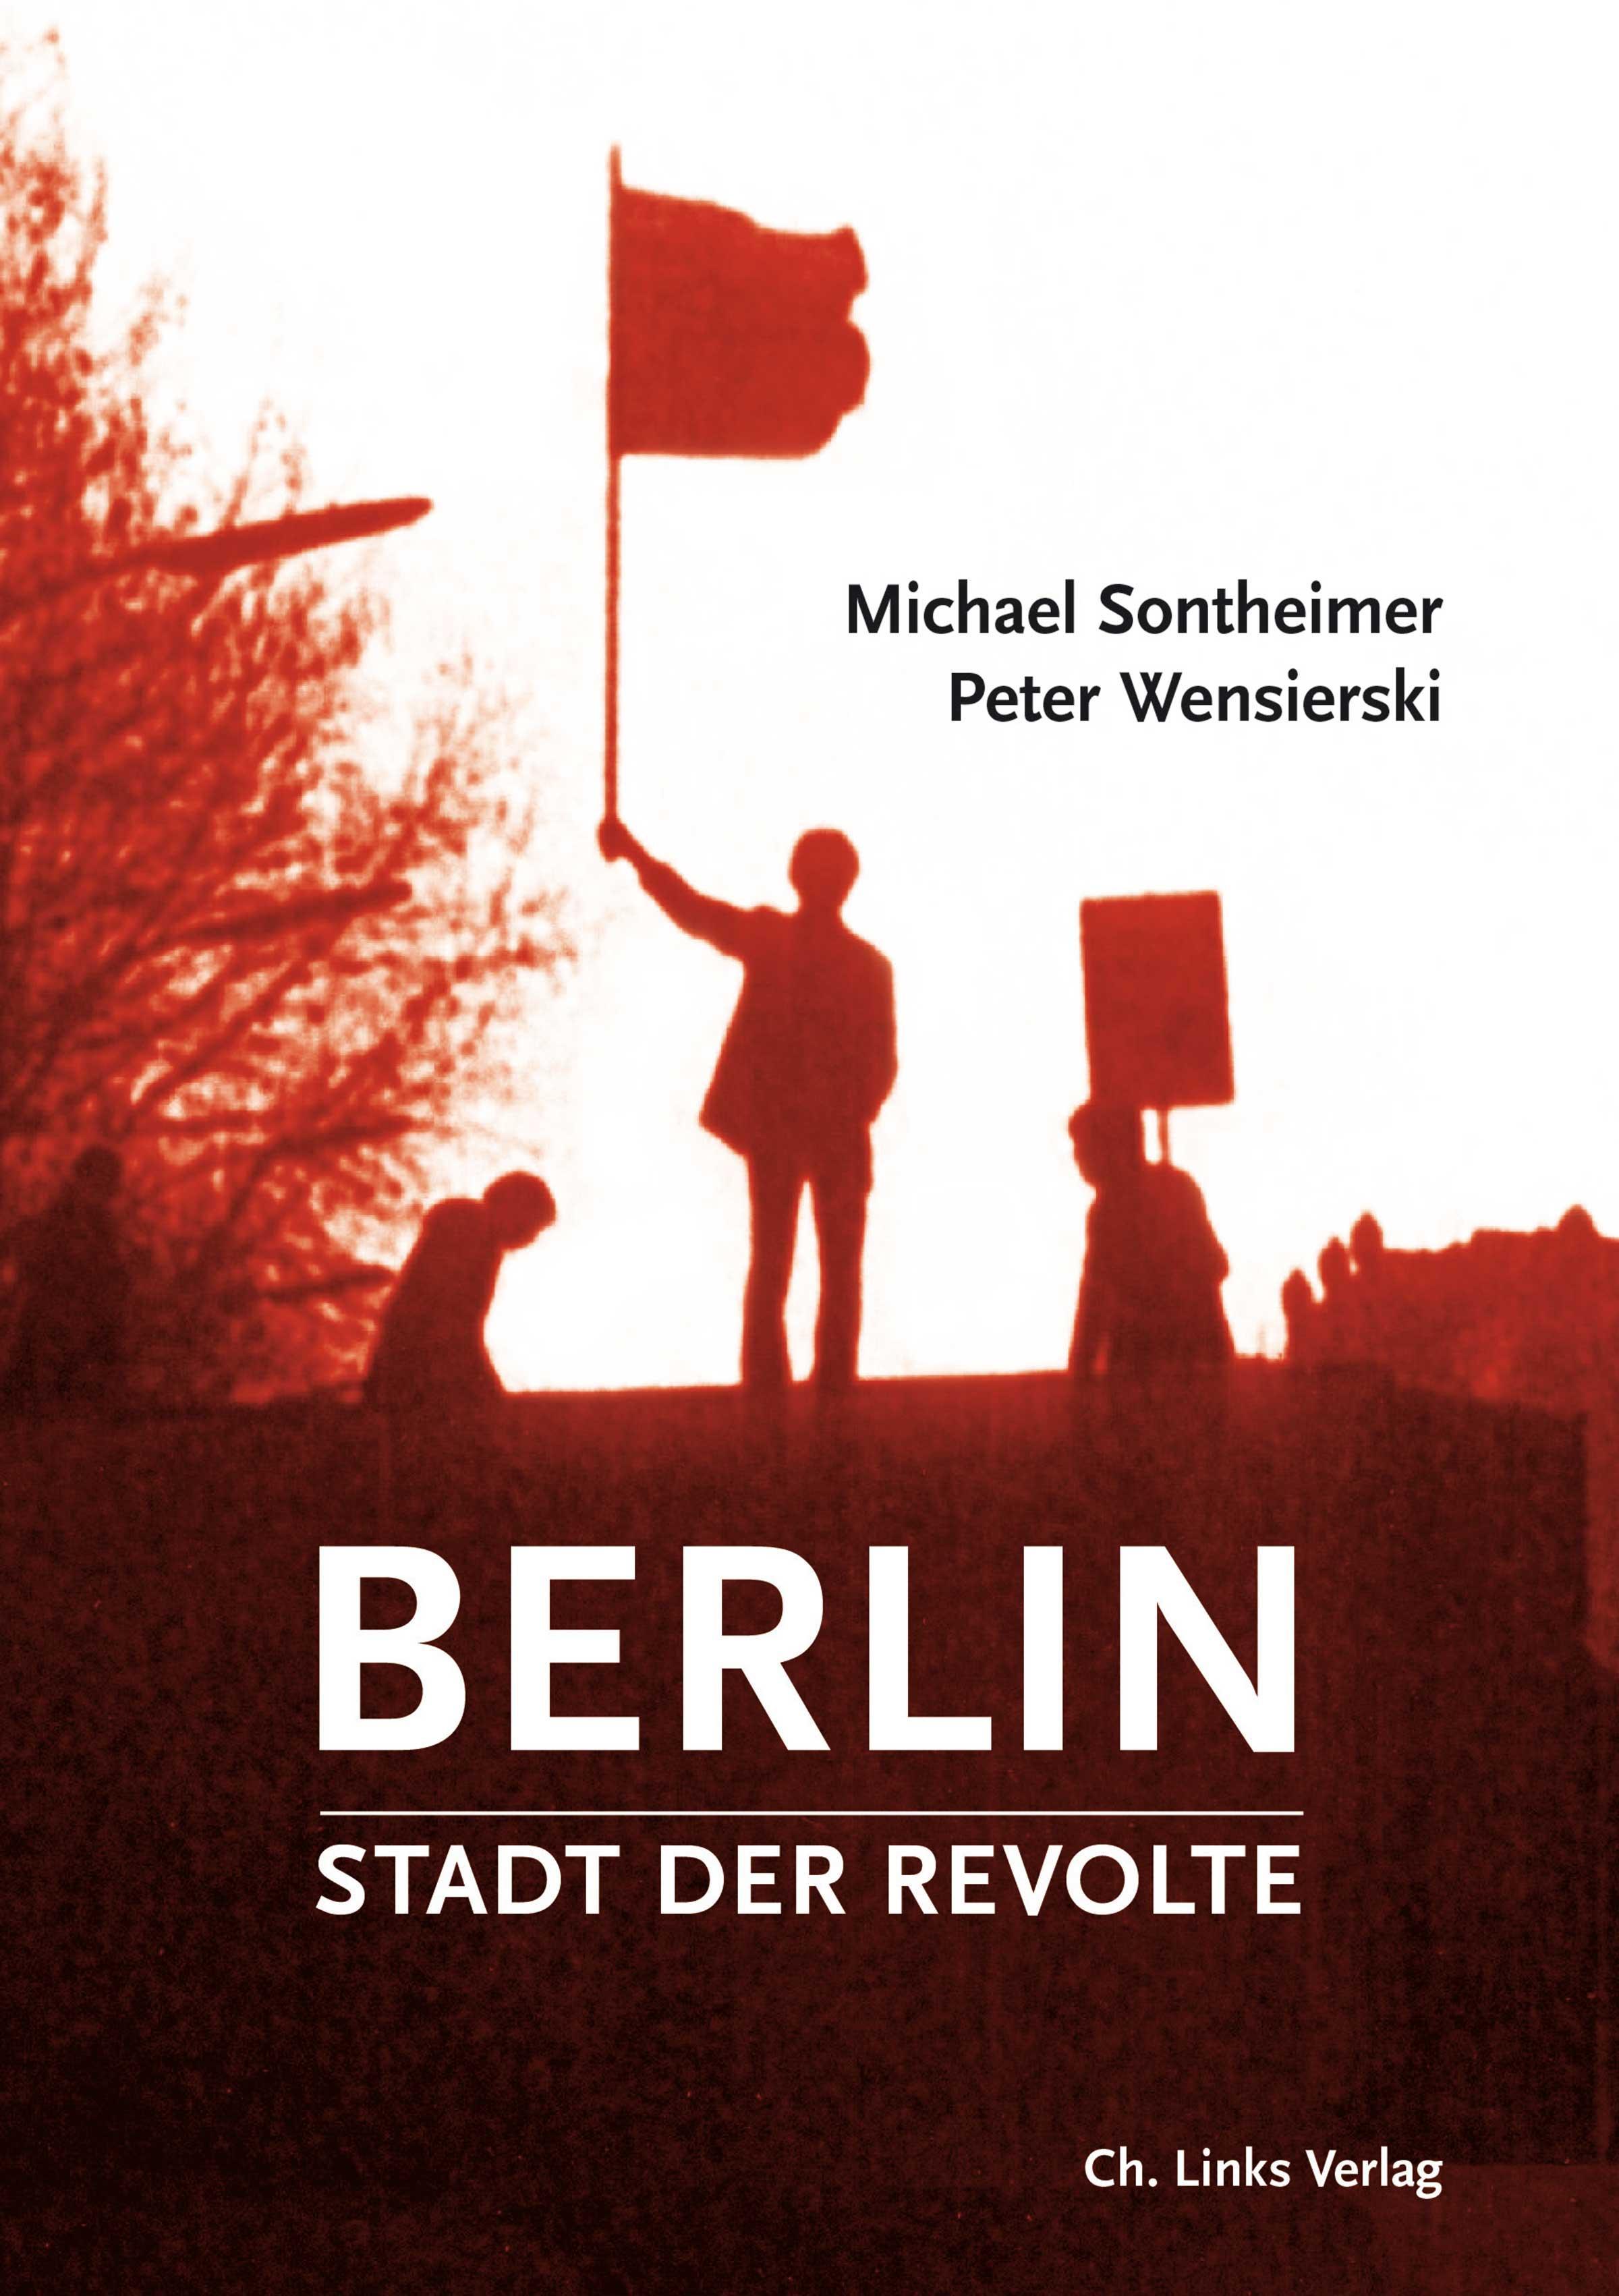 Prenzlauer Berg: Michael Sontheimer, Peter Wensierski: Berlin – Stadt der Revolte. Ch. Links Verlag, ca. 440 Seiten, ca. 60 Abb., 25 €